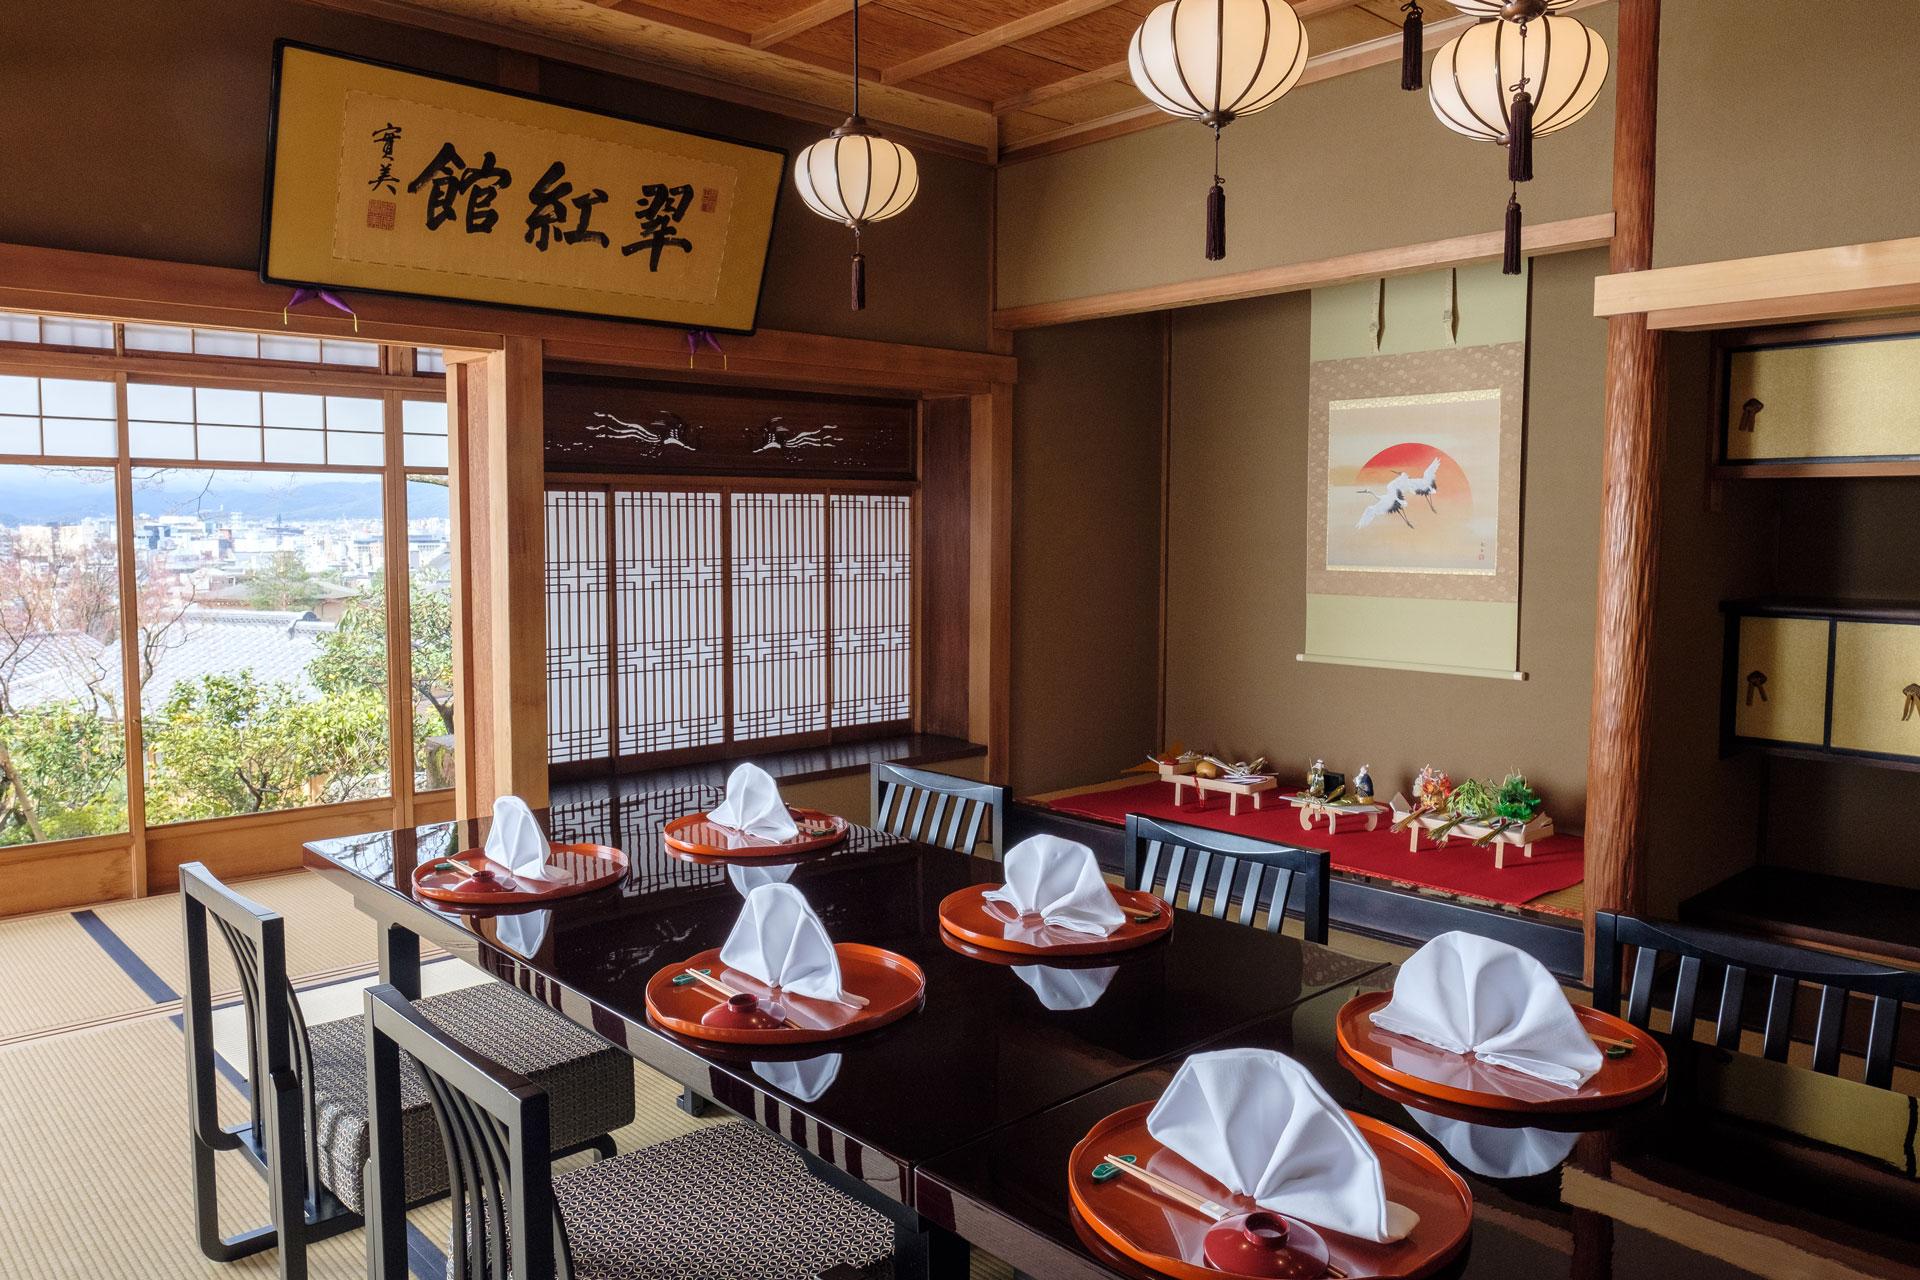 京都の町並みと日本庭園を一望できる部屋